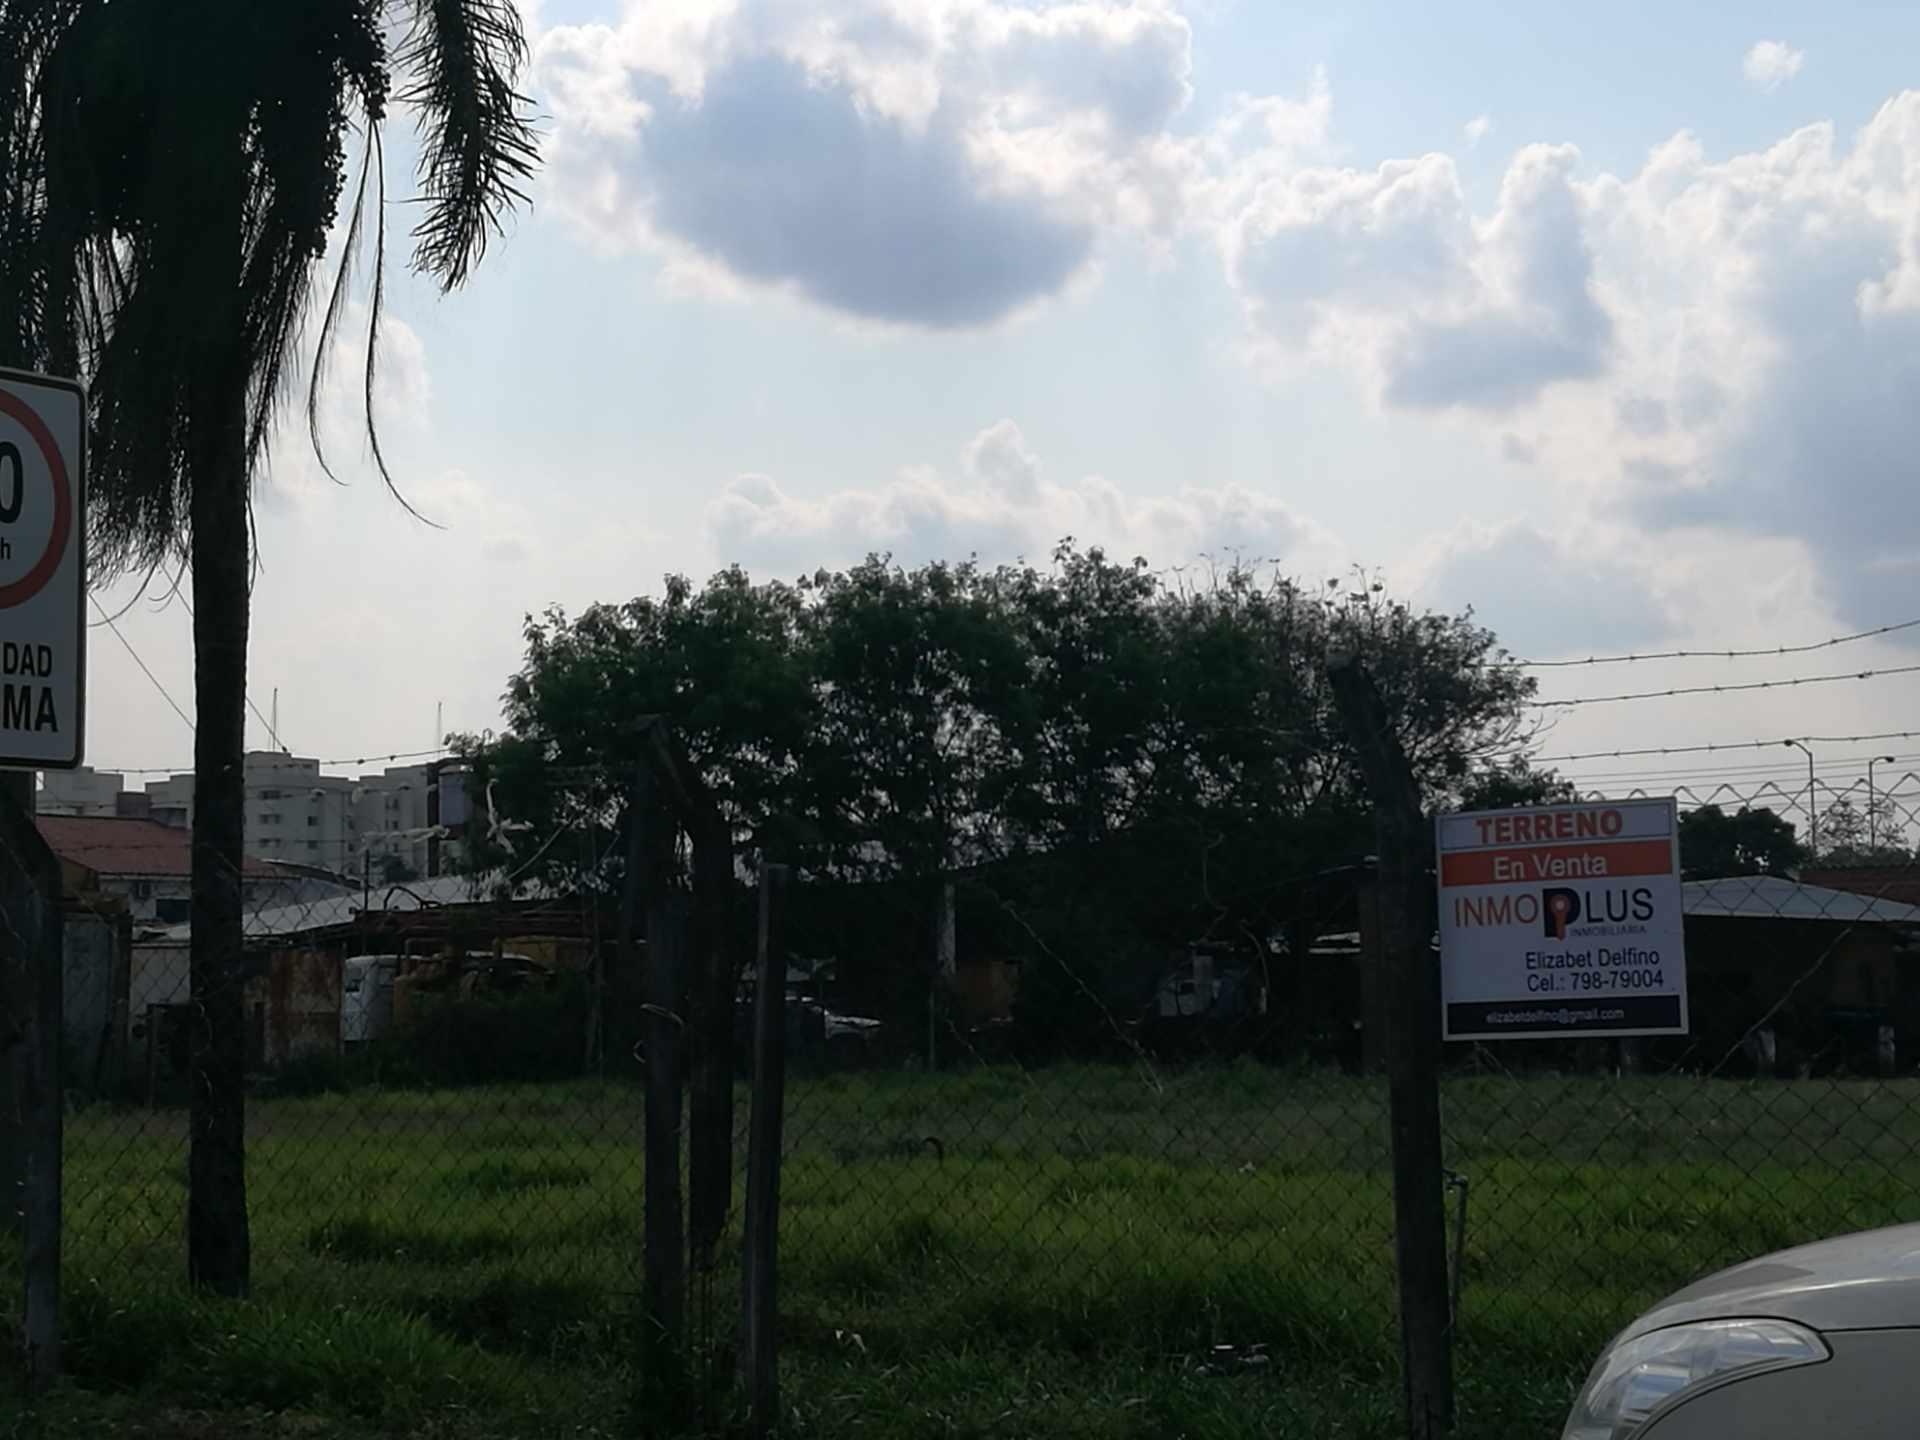 Terreno en Venta TERRENO EN VENTA AV. SAN MARTIN DE PORRES A UNA CUADRA DE LA AV. GRIGOTA Foto 15